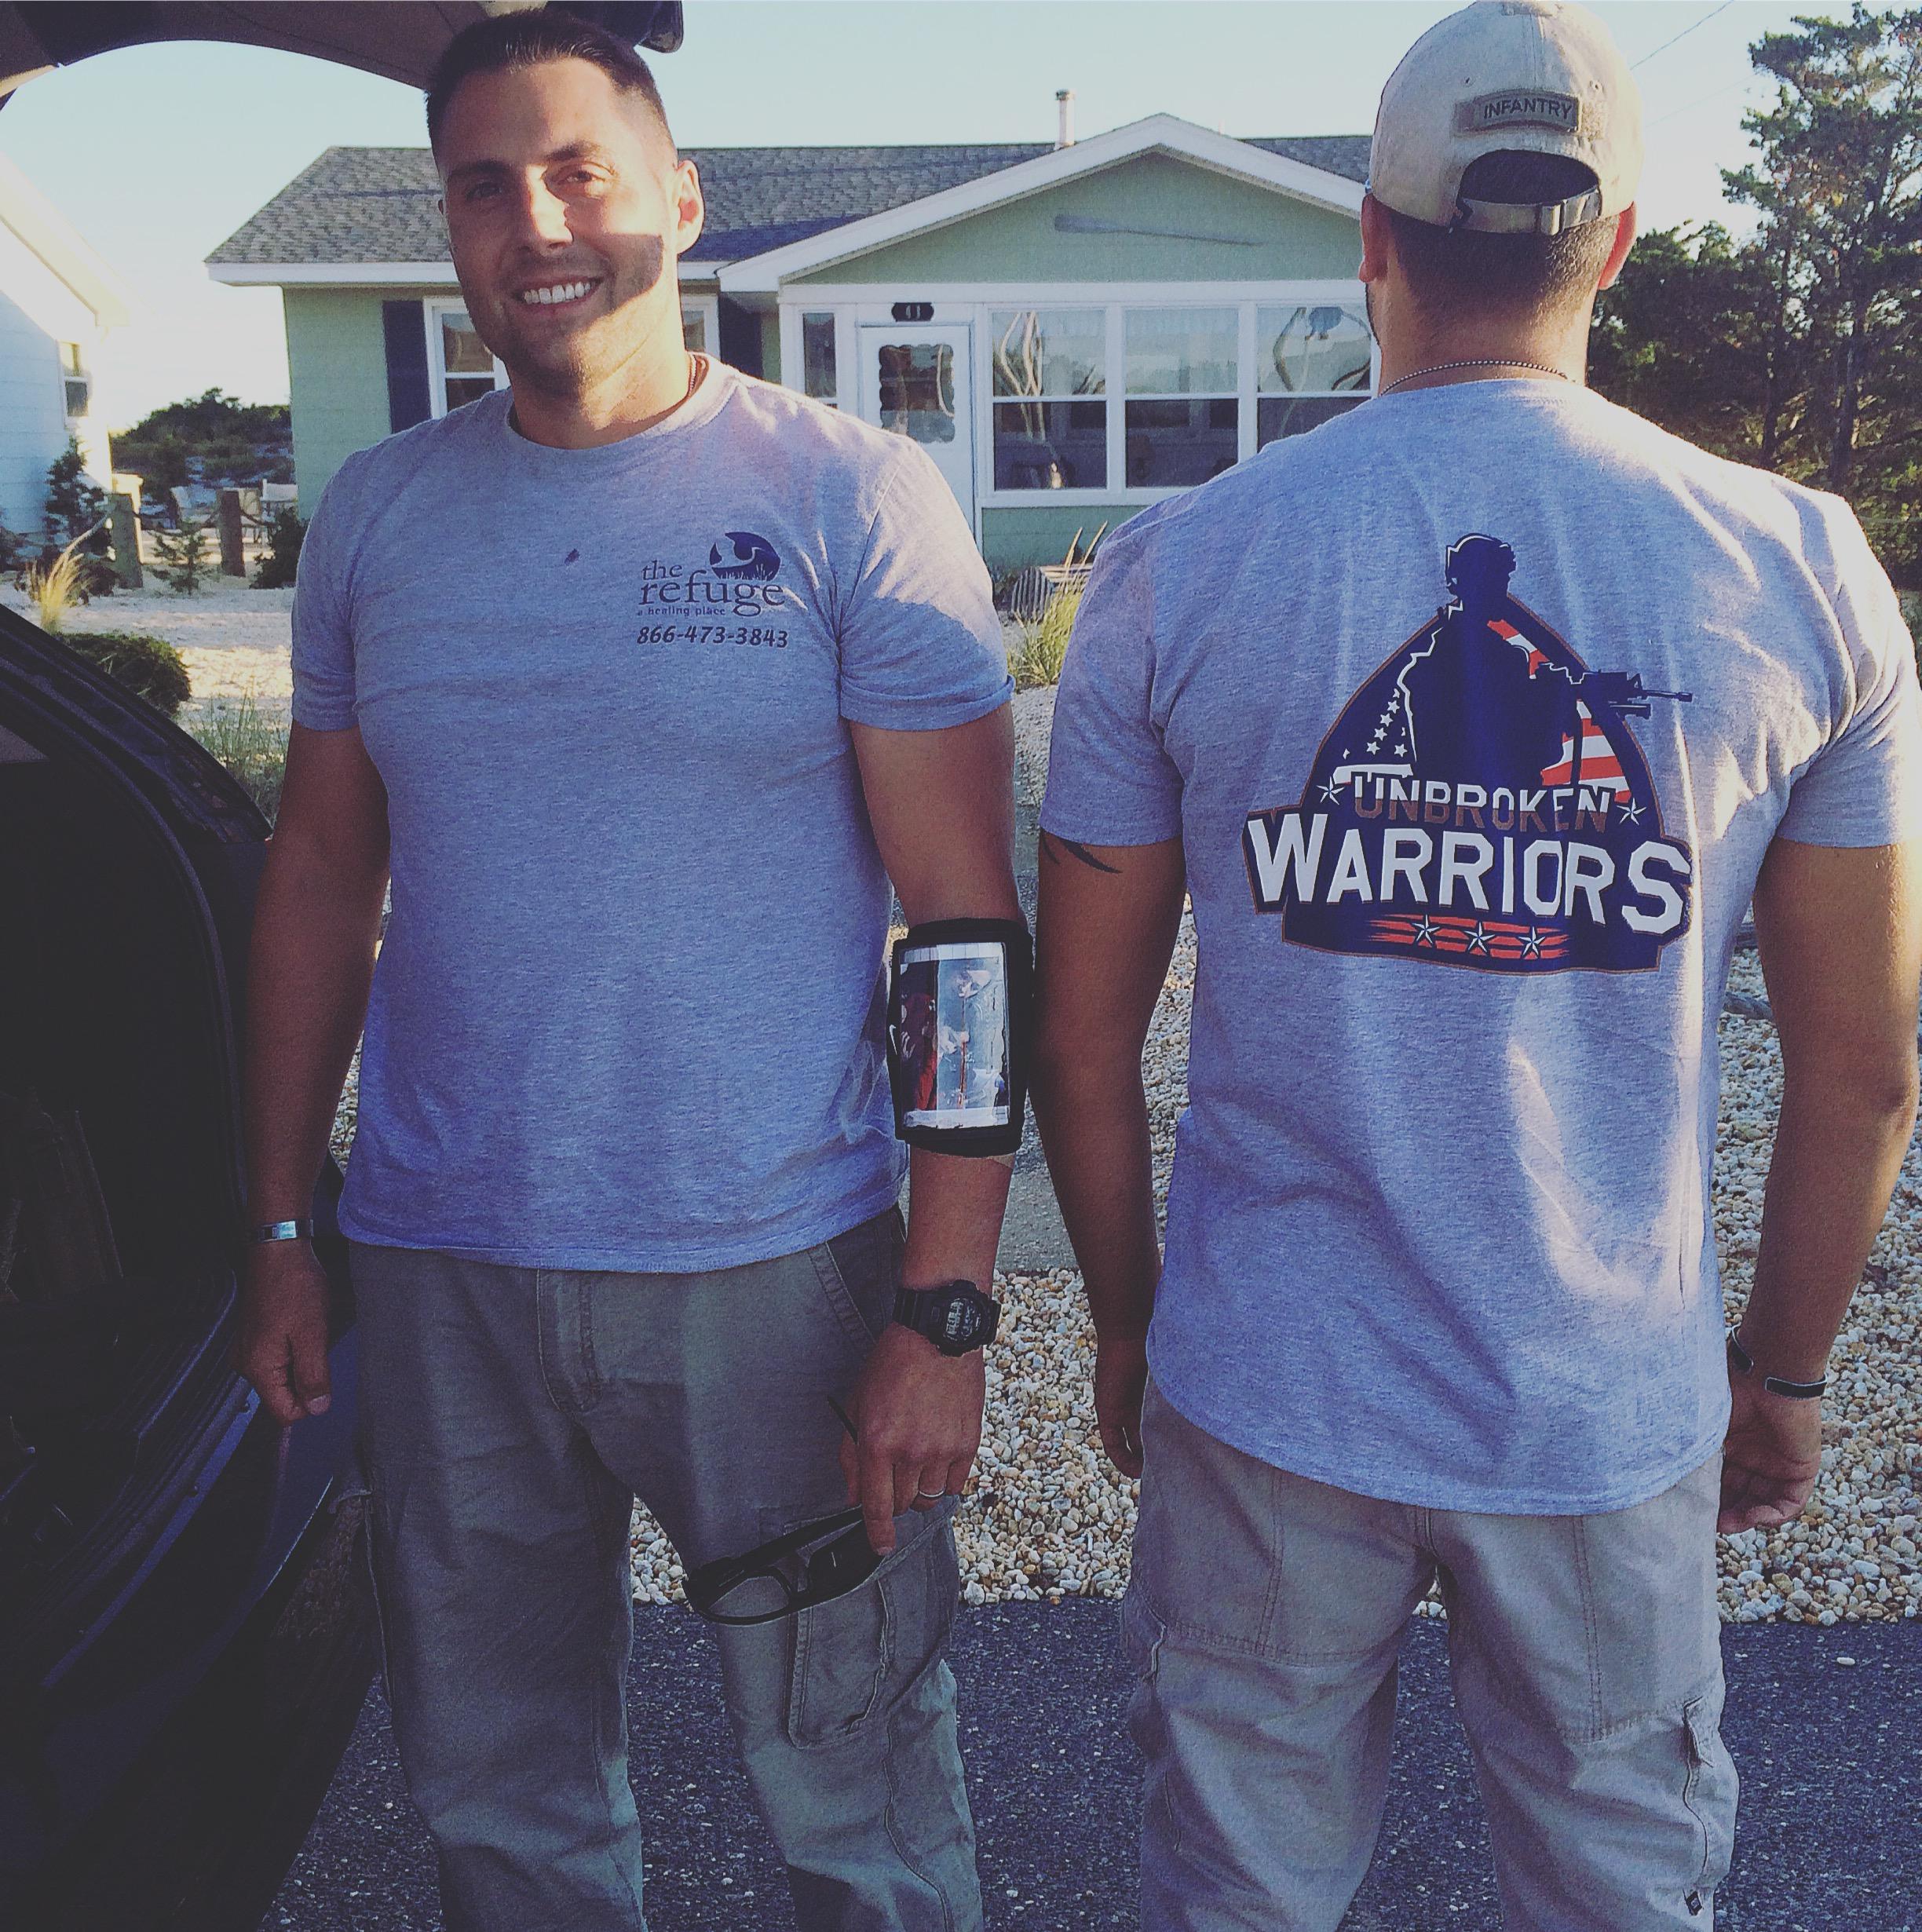 Volunteer with Unbroken Warriors